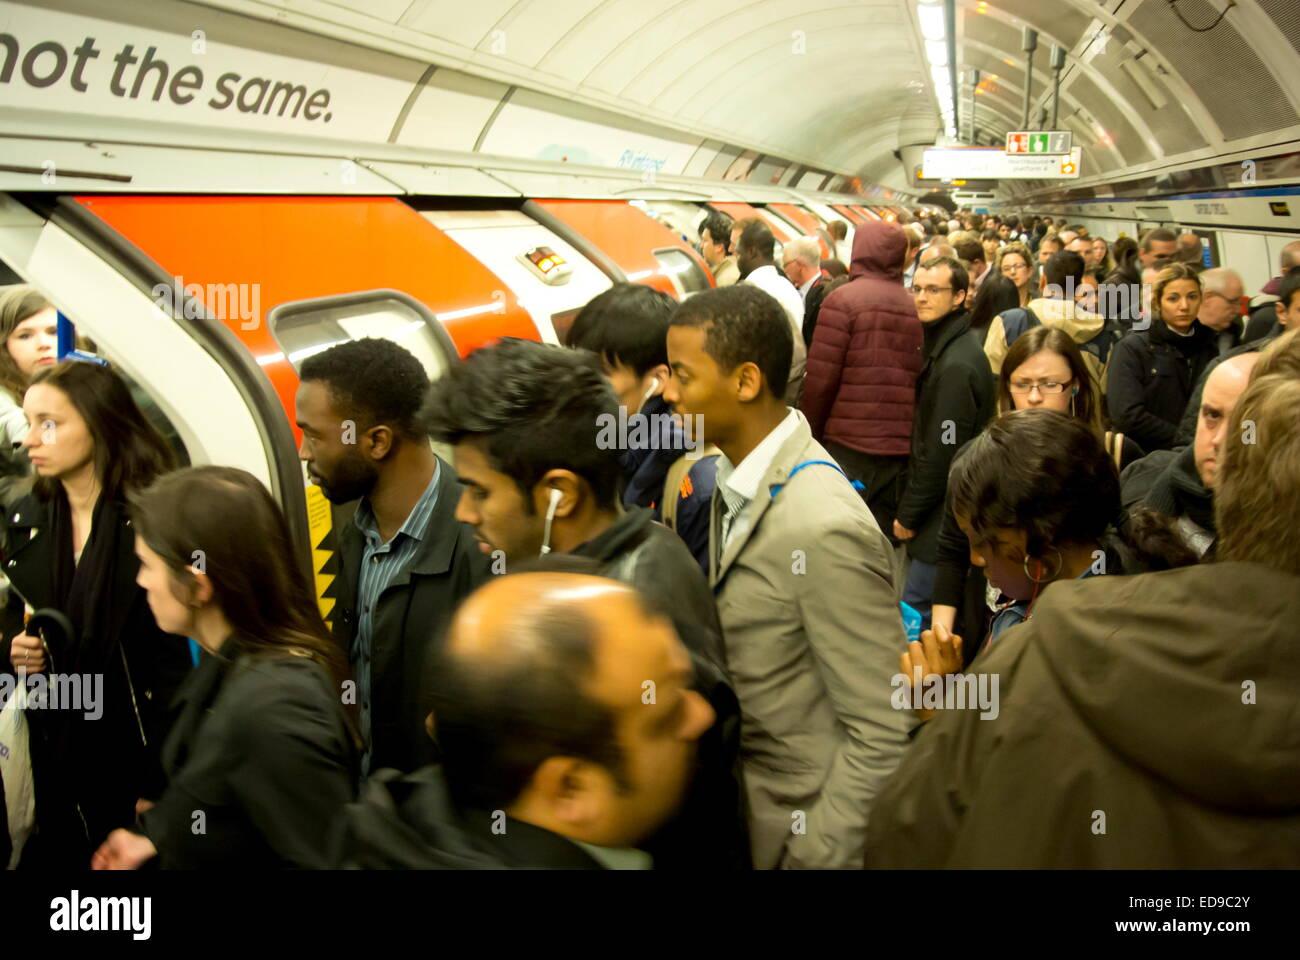 La foule des banlieusards bord d'un train du métro de Londres à Oxford Circus station sur la ligne Photo Stock